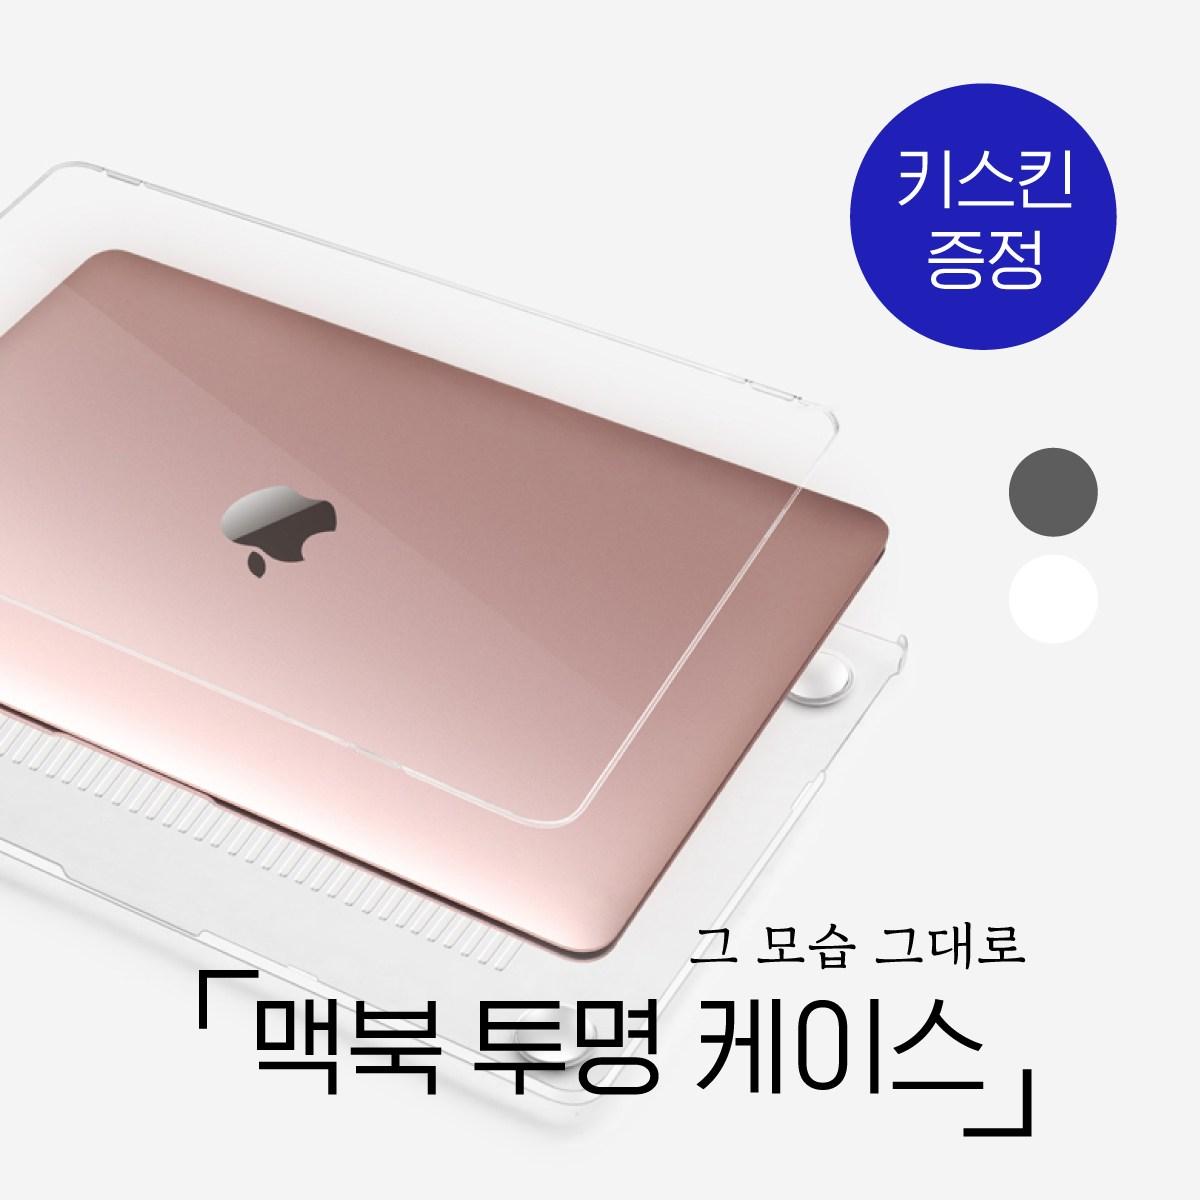 오펜트 맥북 2020 뉴에어13(A2179) 투명 반투명케이스, 맥북 뉴에어13 투명케이스